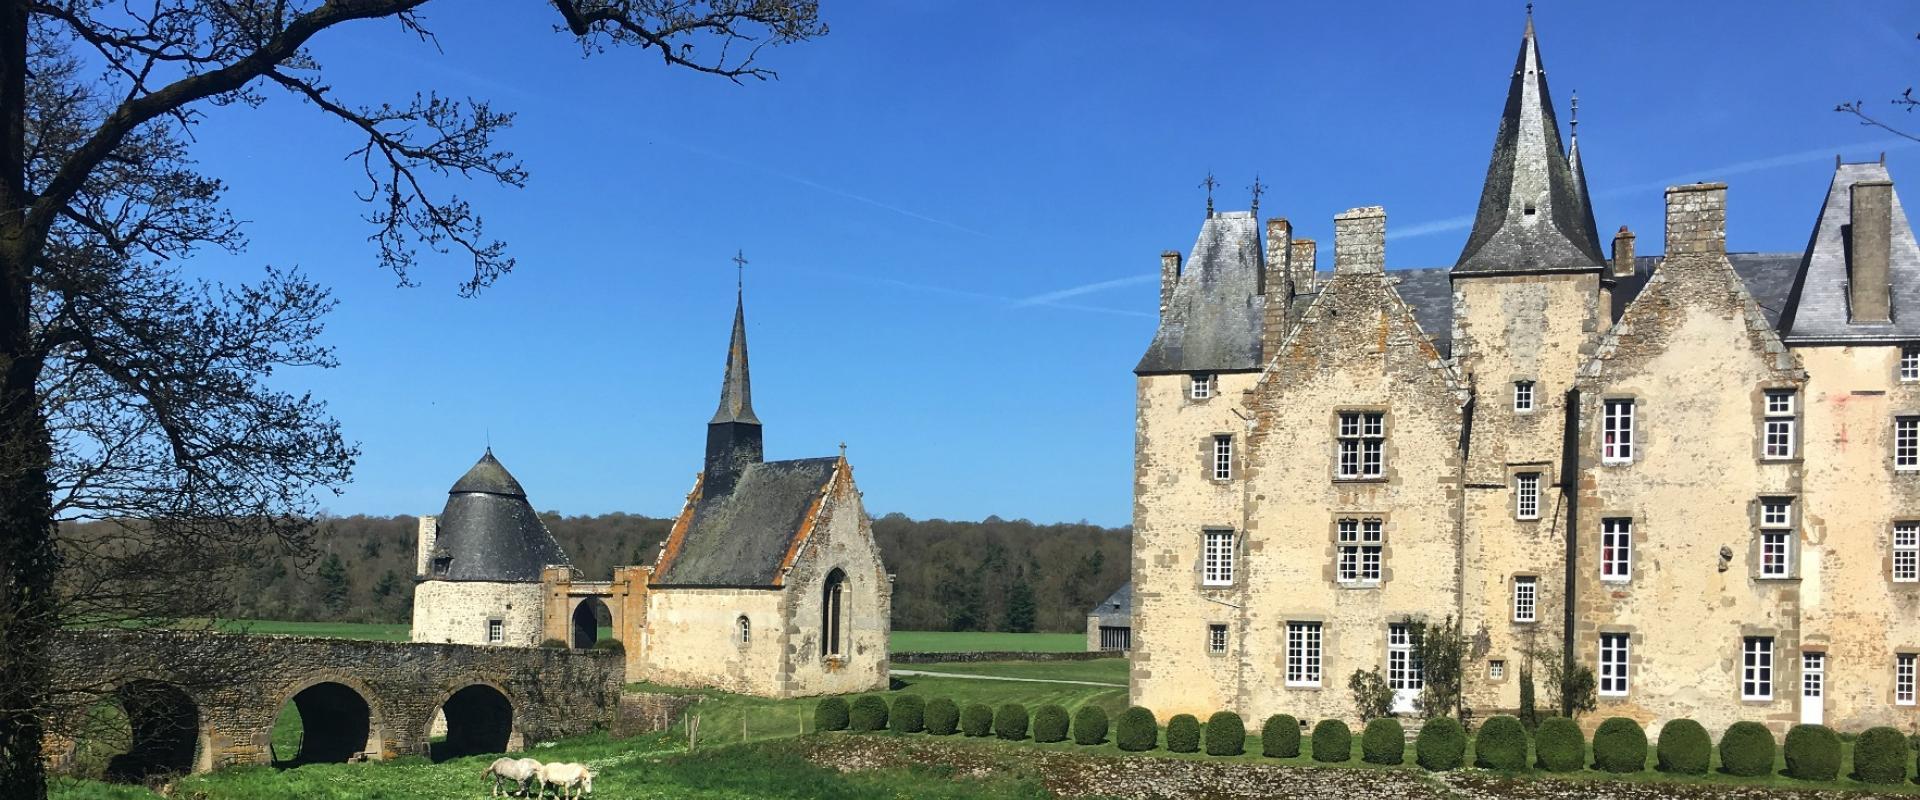 château de bourgon à montourtier en Mayenne